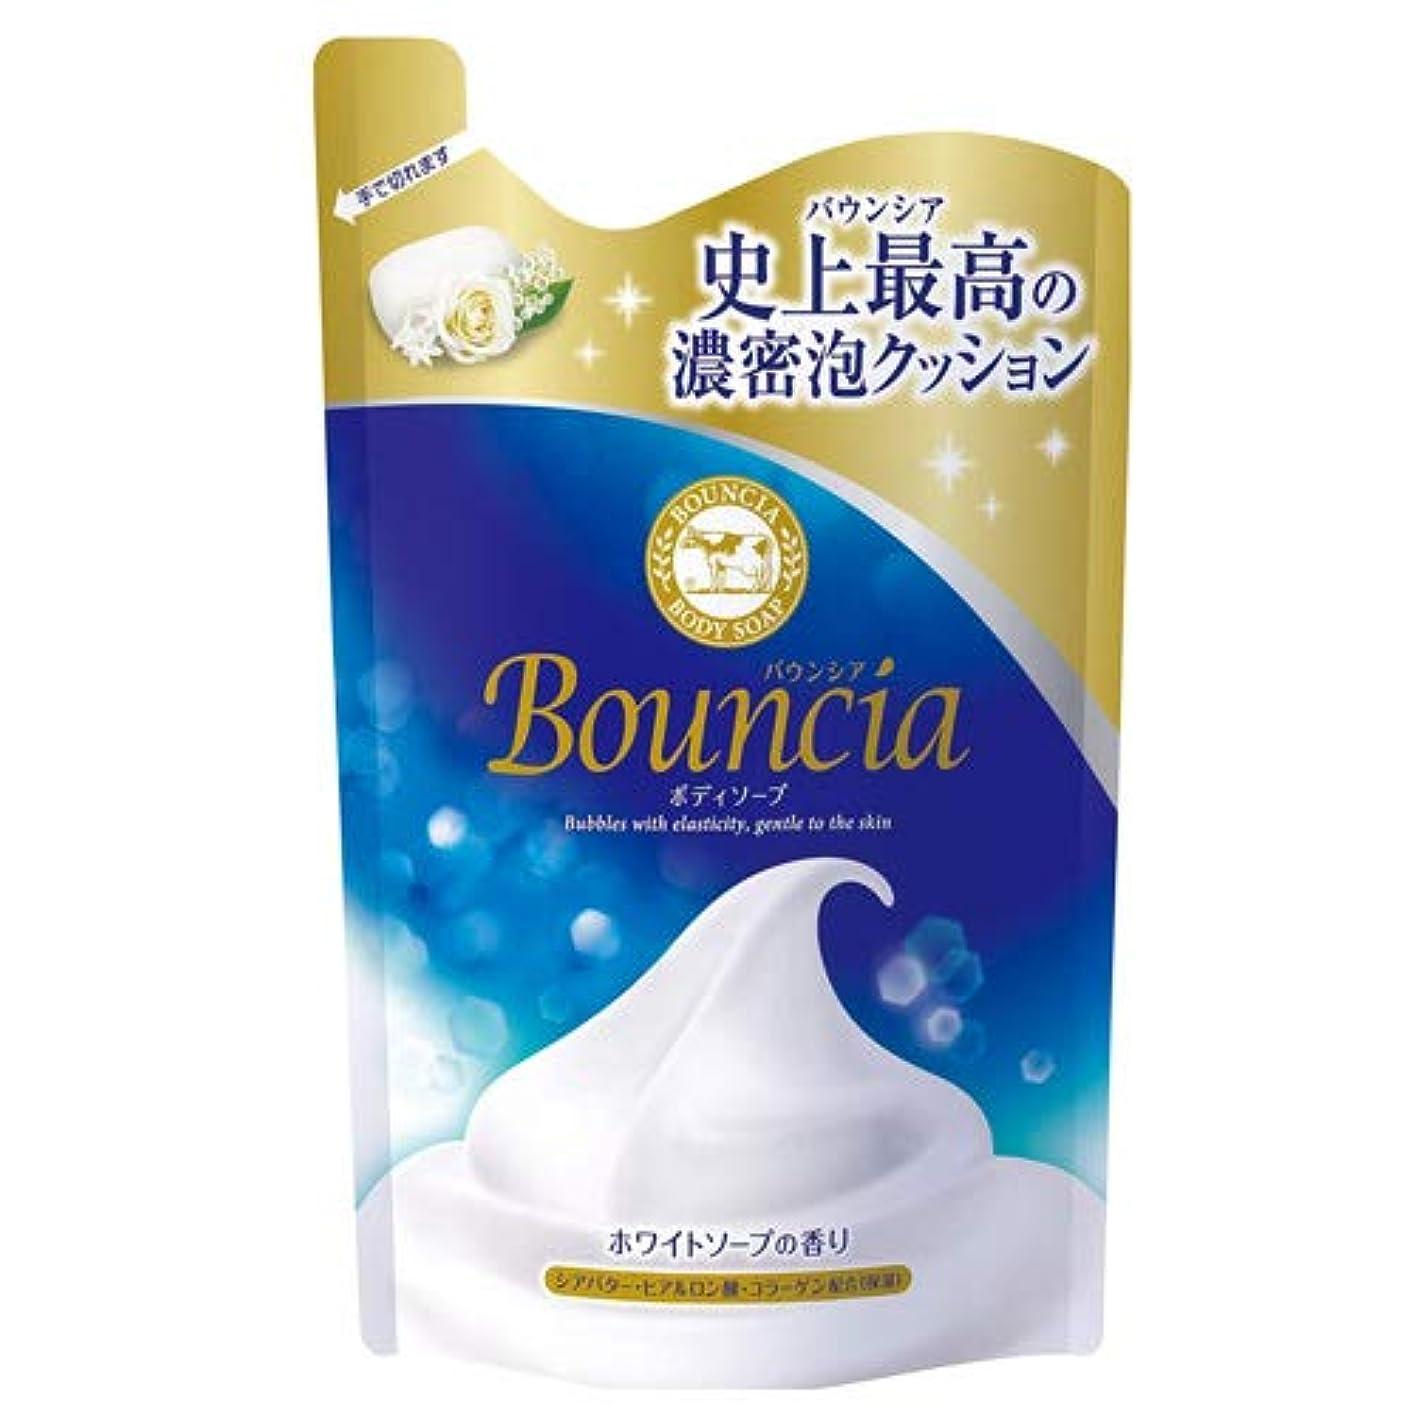 半円あいまいな性格牛乳石鹸 バウンシア ボディソープ 詰替用 400ml×4個